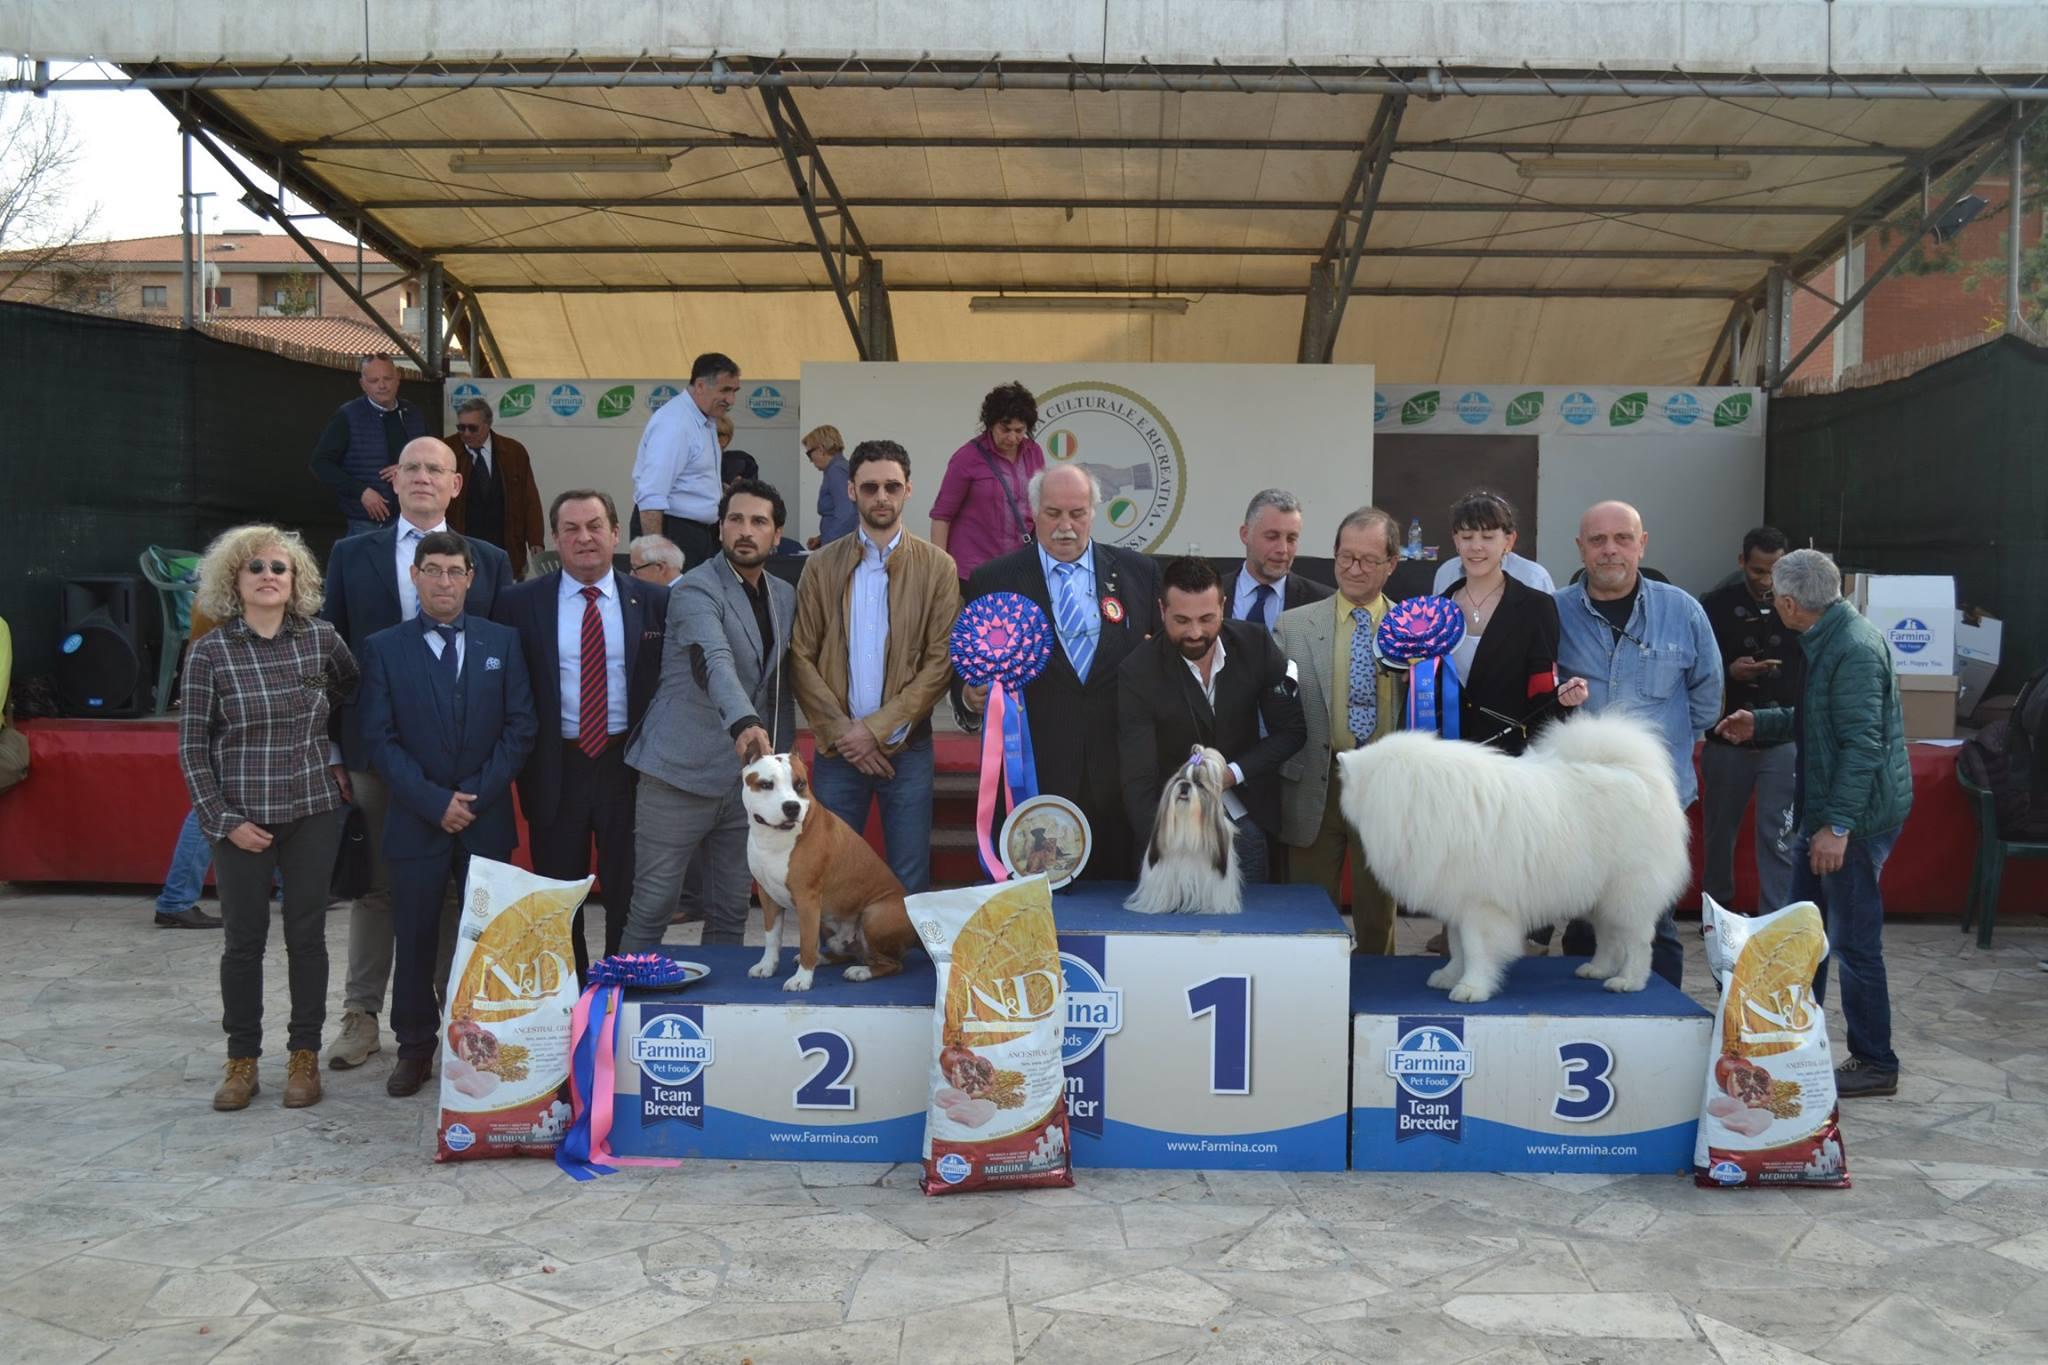 Esposizione Nazionale Canina di Siena: domenica sfilano settecento cani